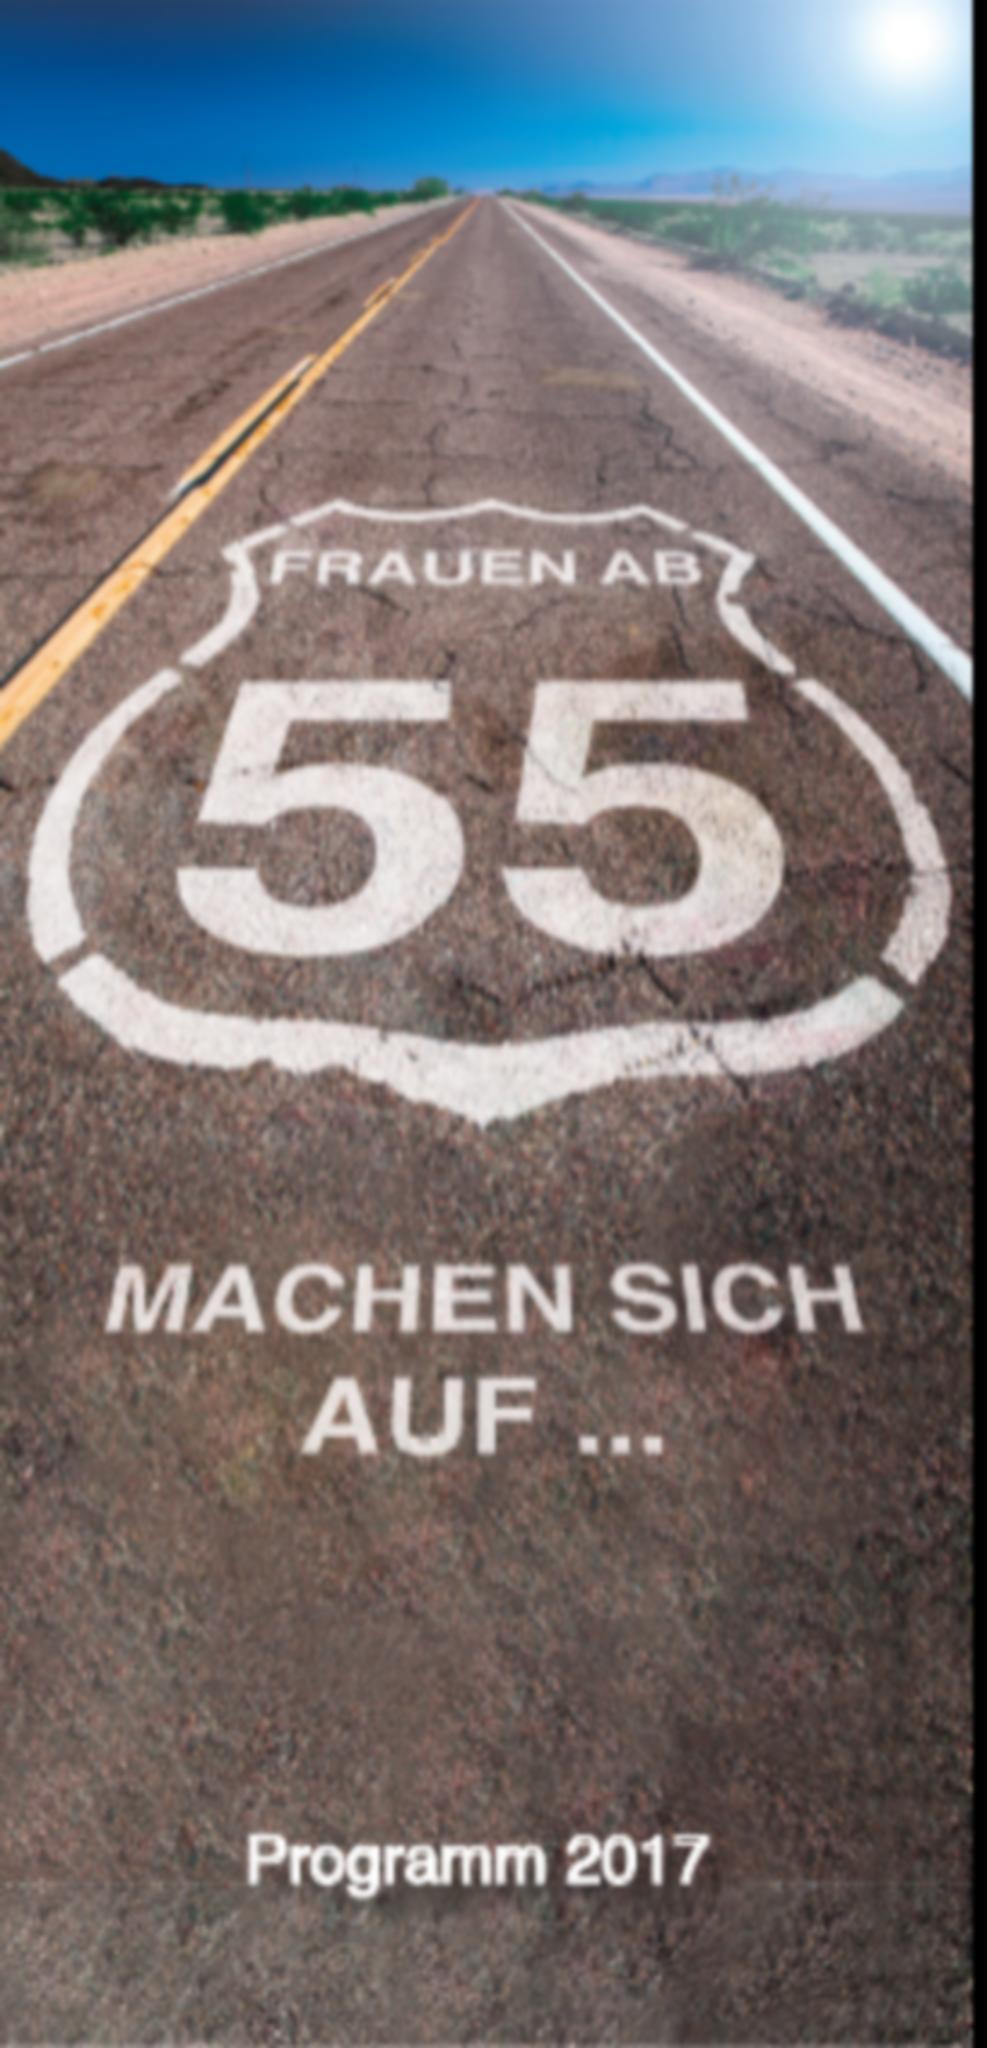 frauen ab 55